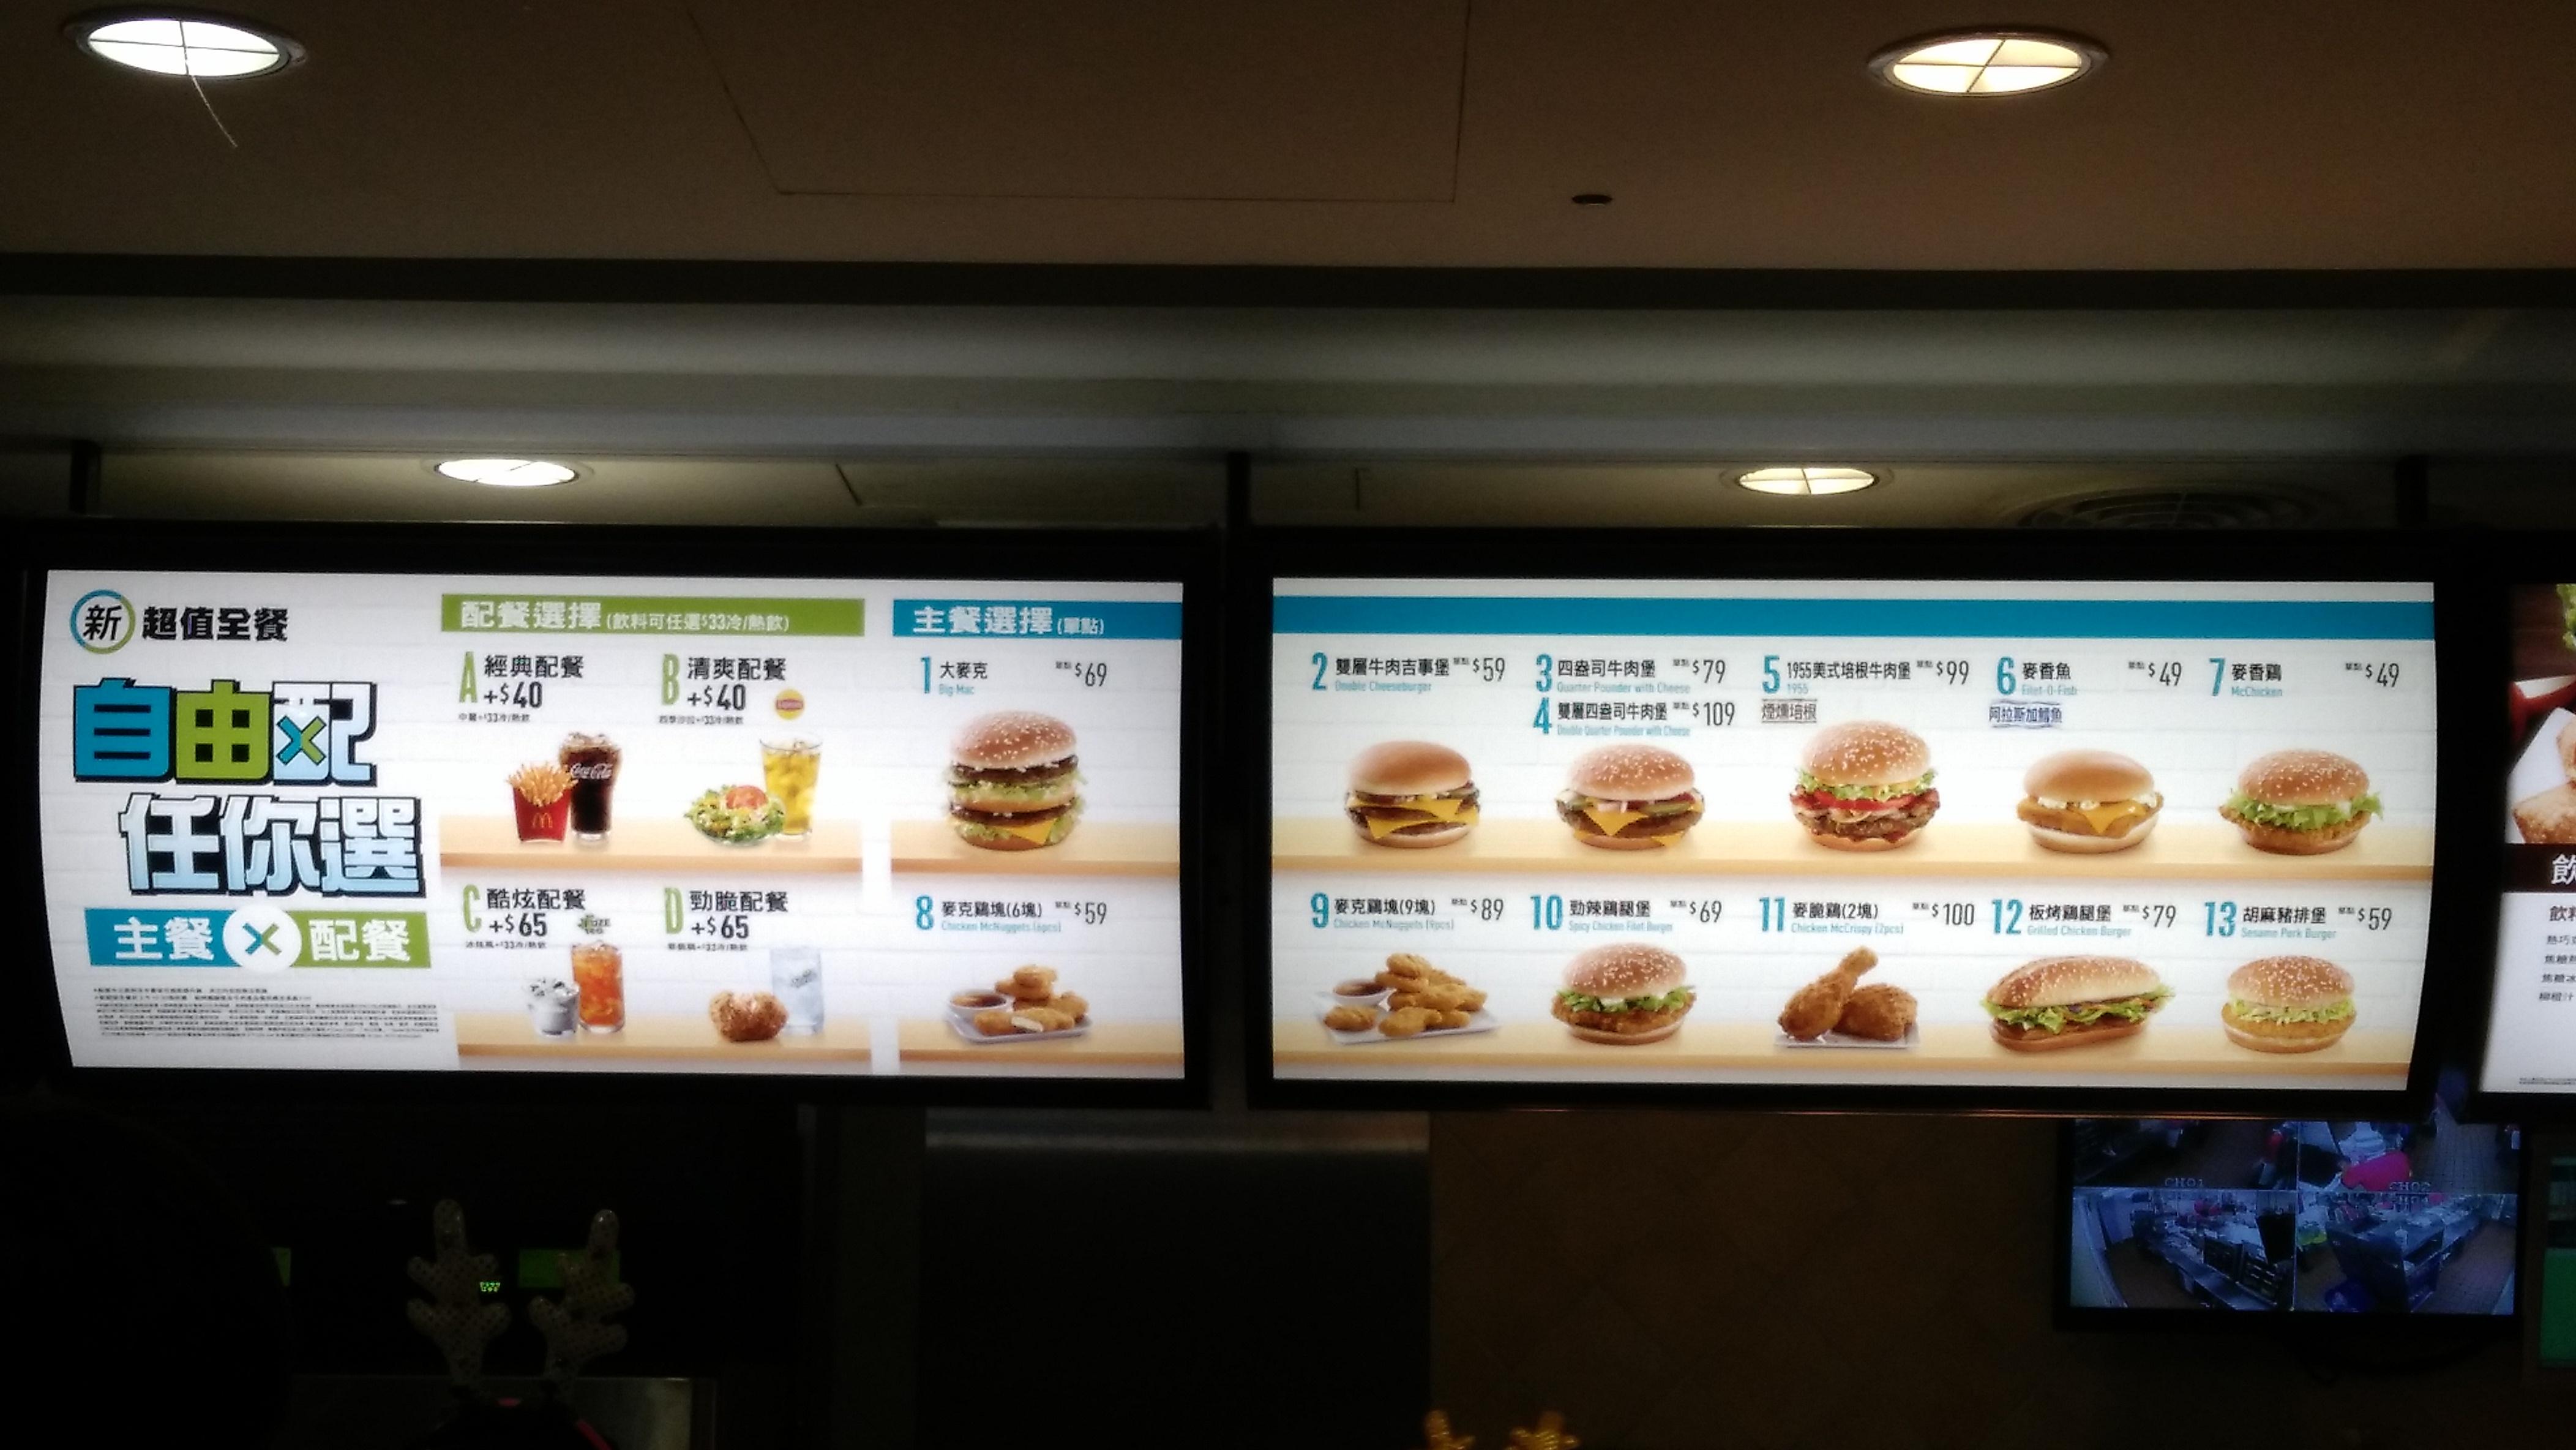 凱之日常 YK's Life: 2016麥當勞新超值全餐 自由配任你選 價位 價格表